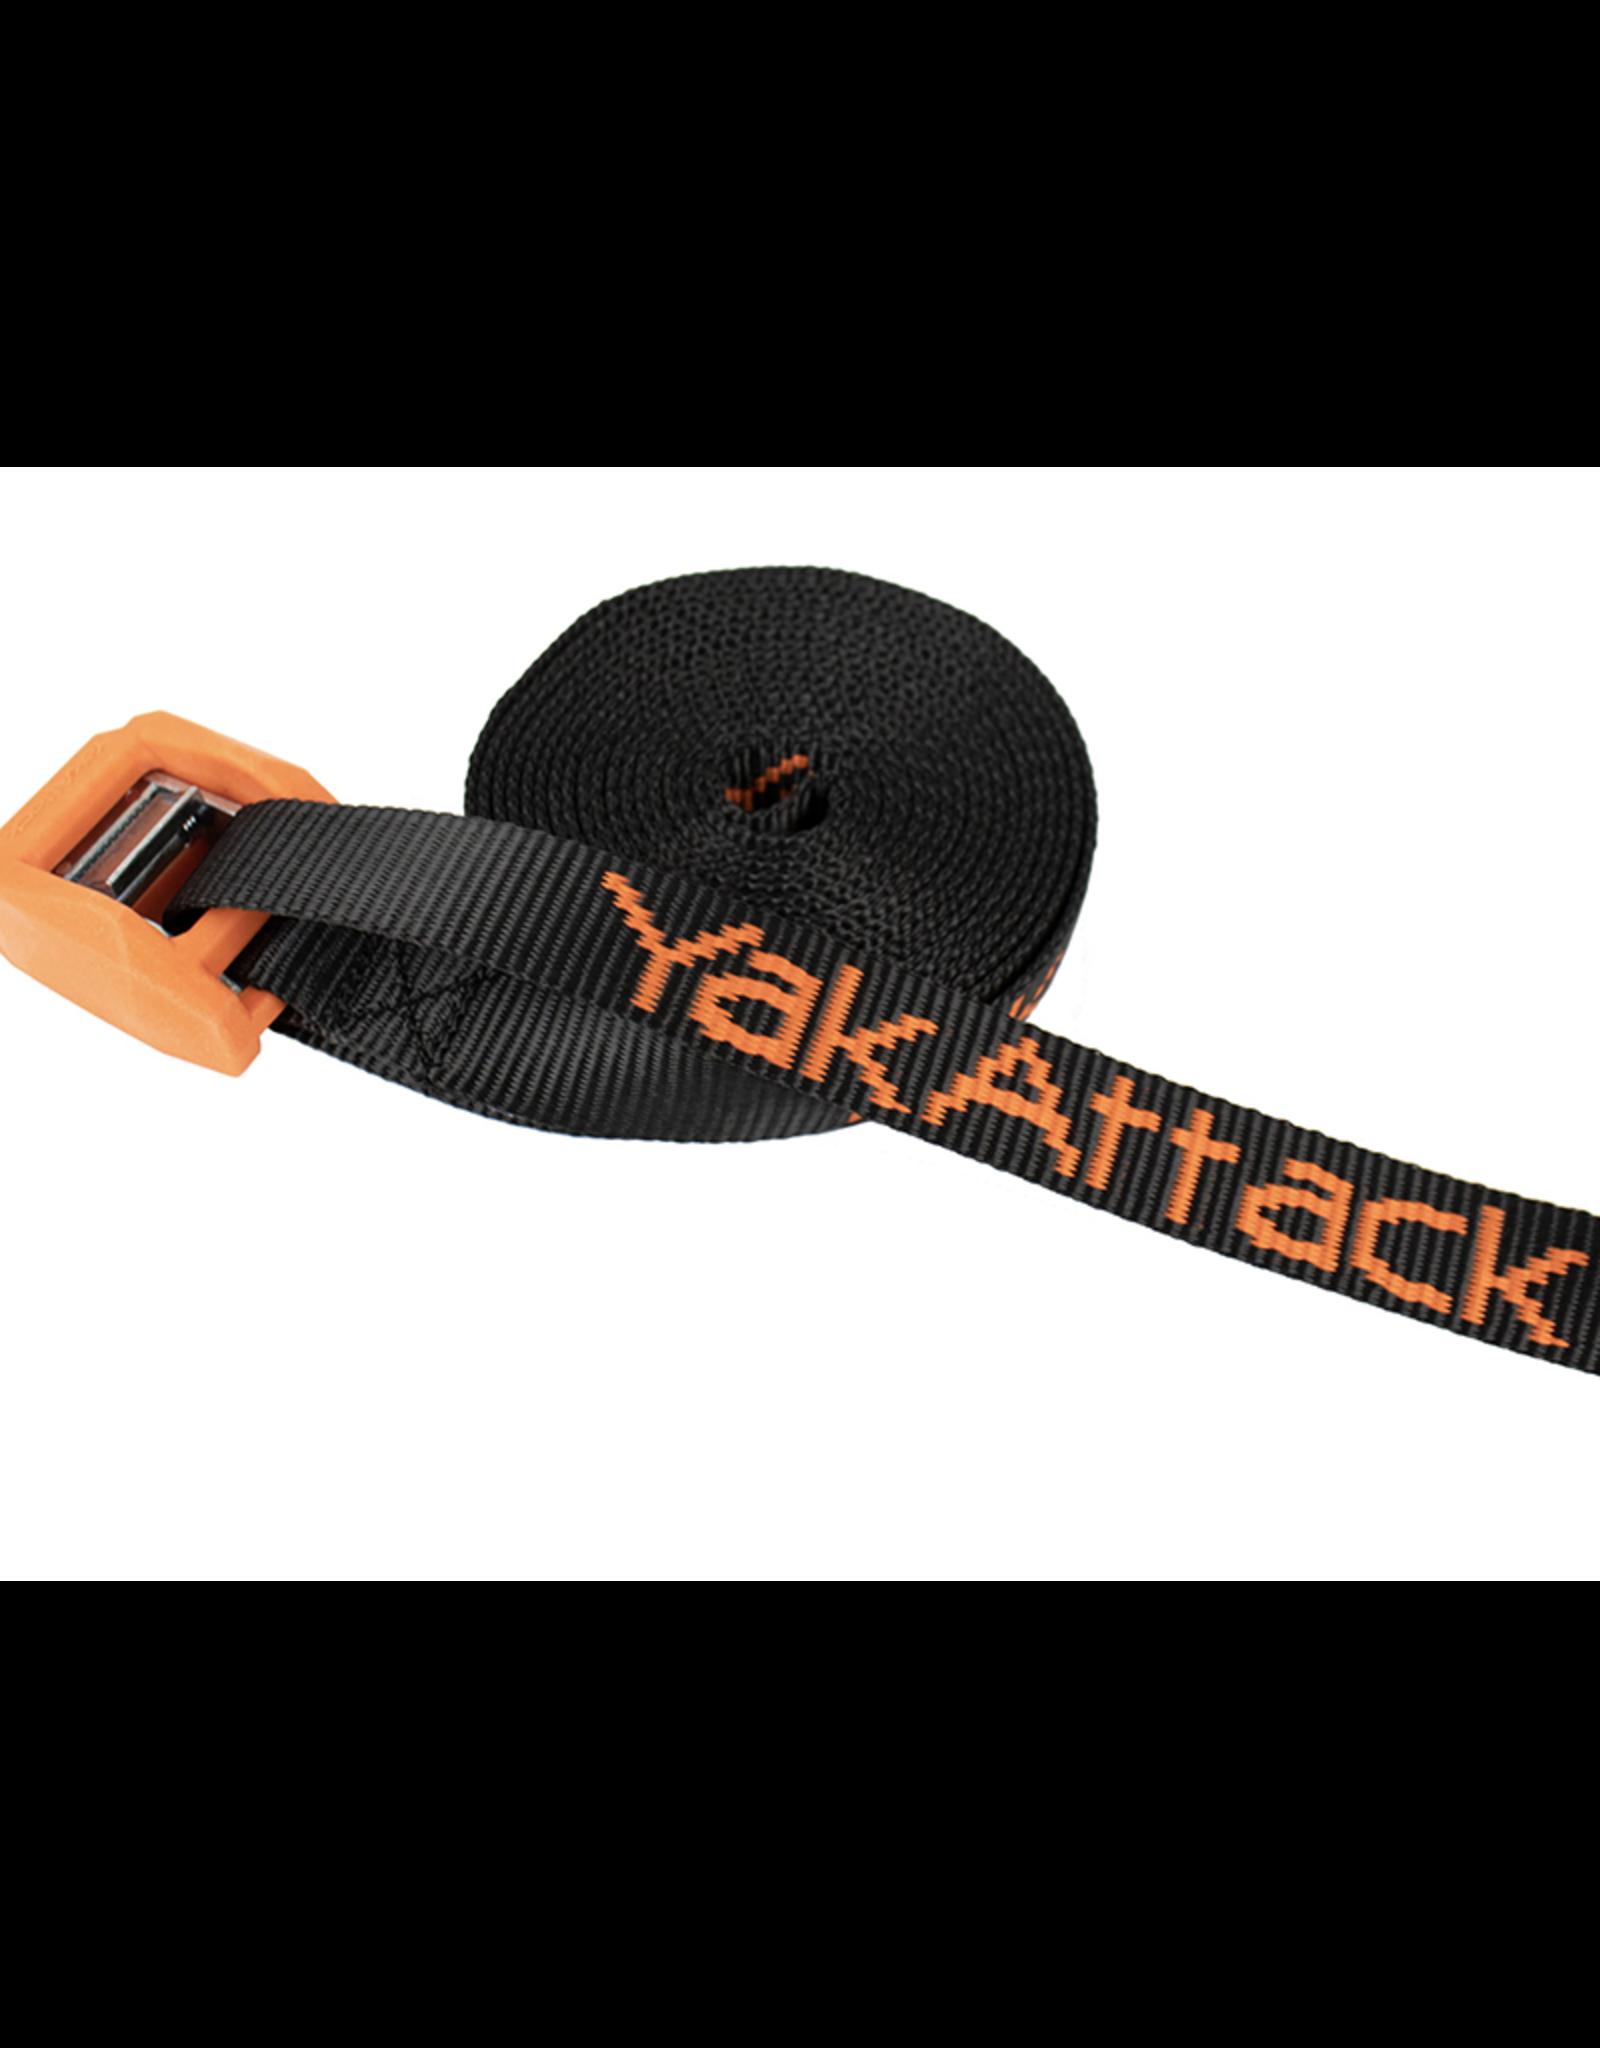 YakAttack 15' Logo Cam Straps: Pair